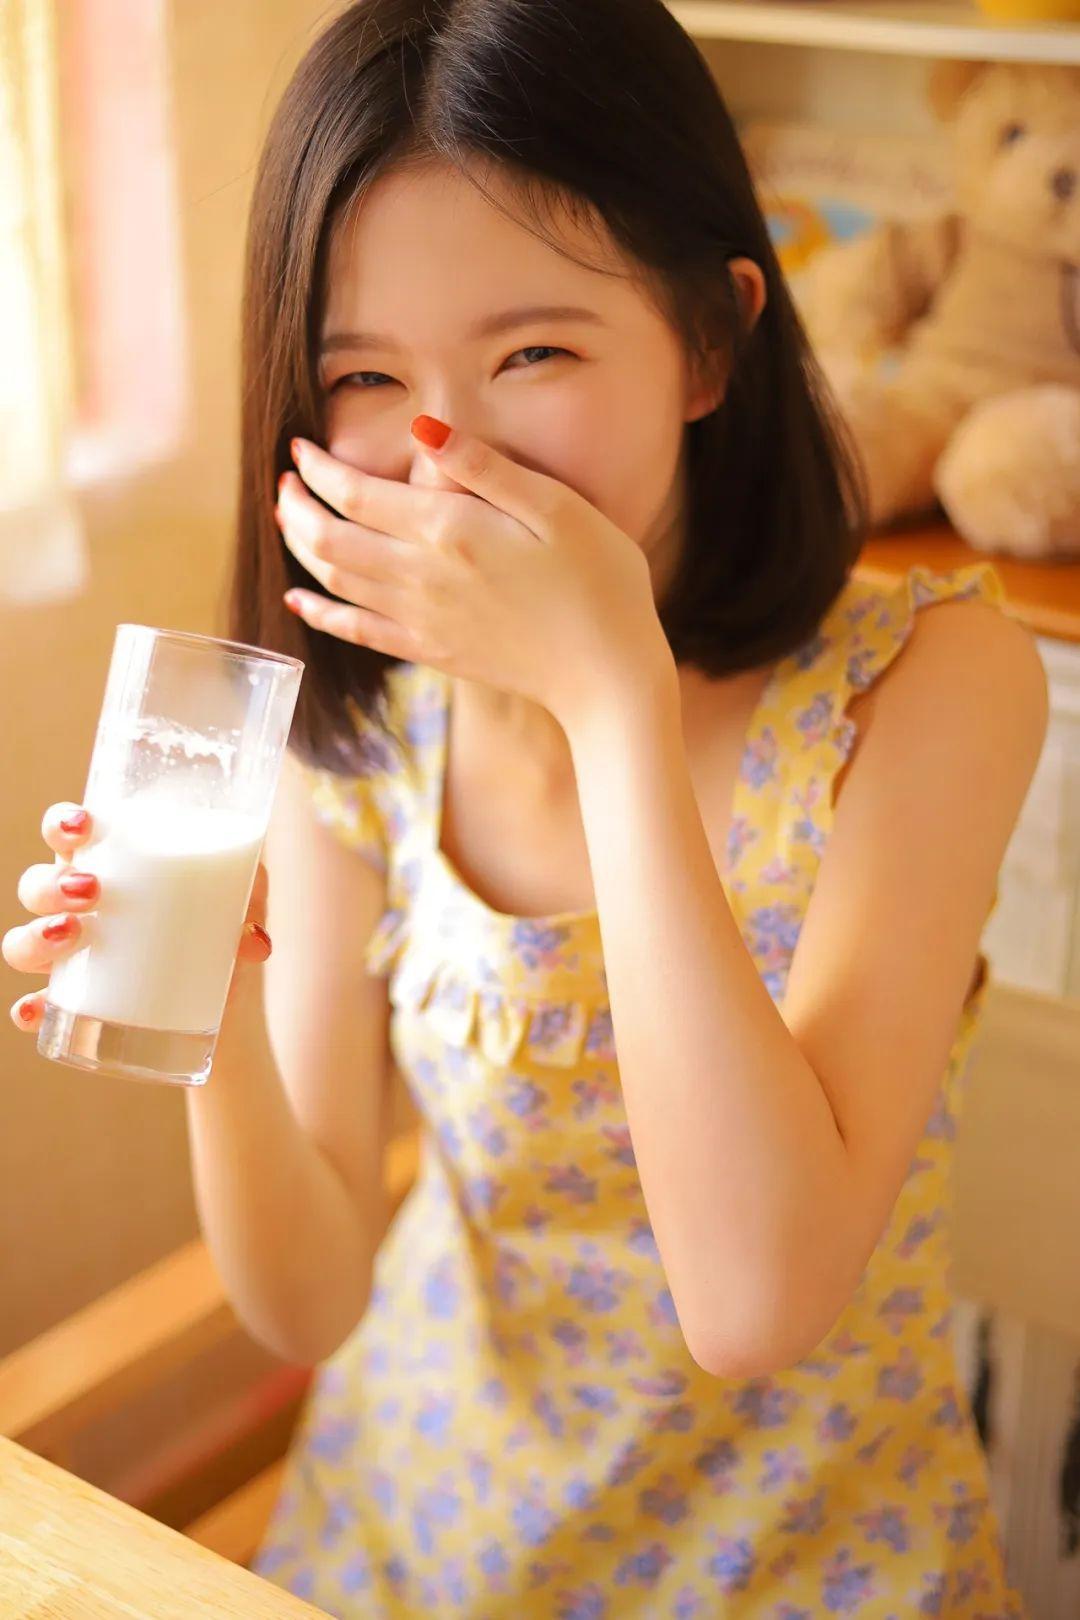 妹子摄影 – 笑起来真好看的连衣裙虎牙妹妹_图片 No.1